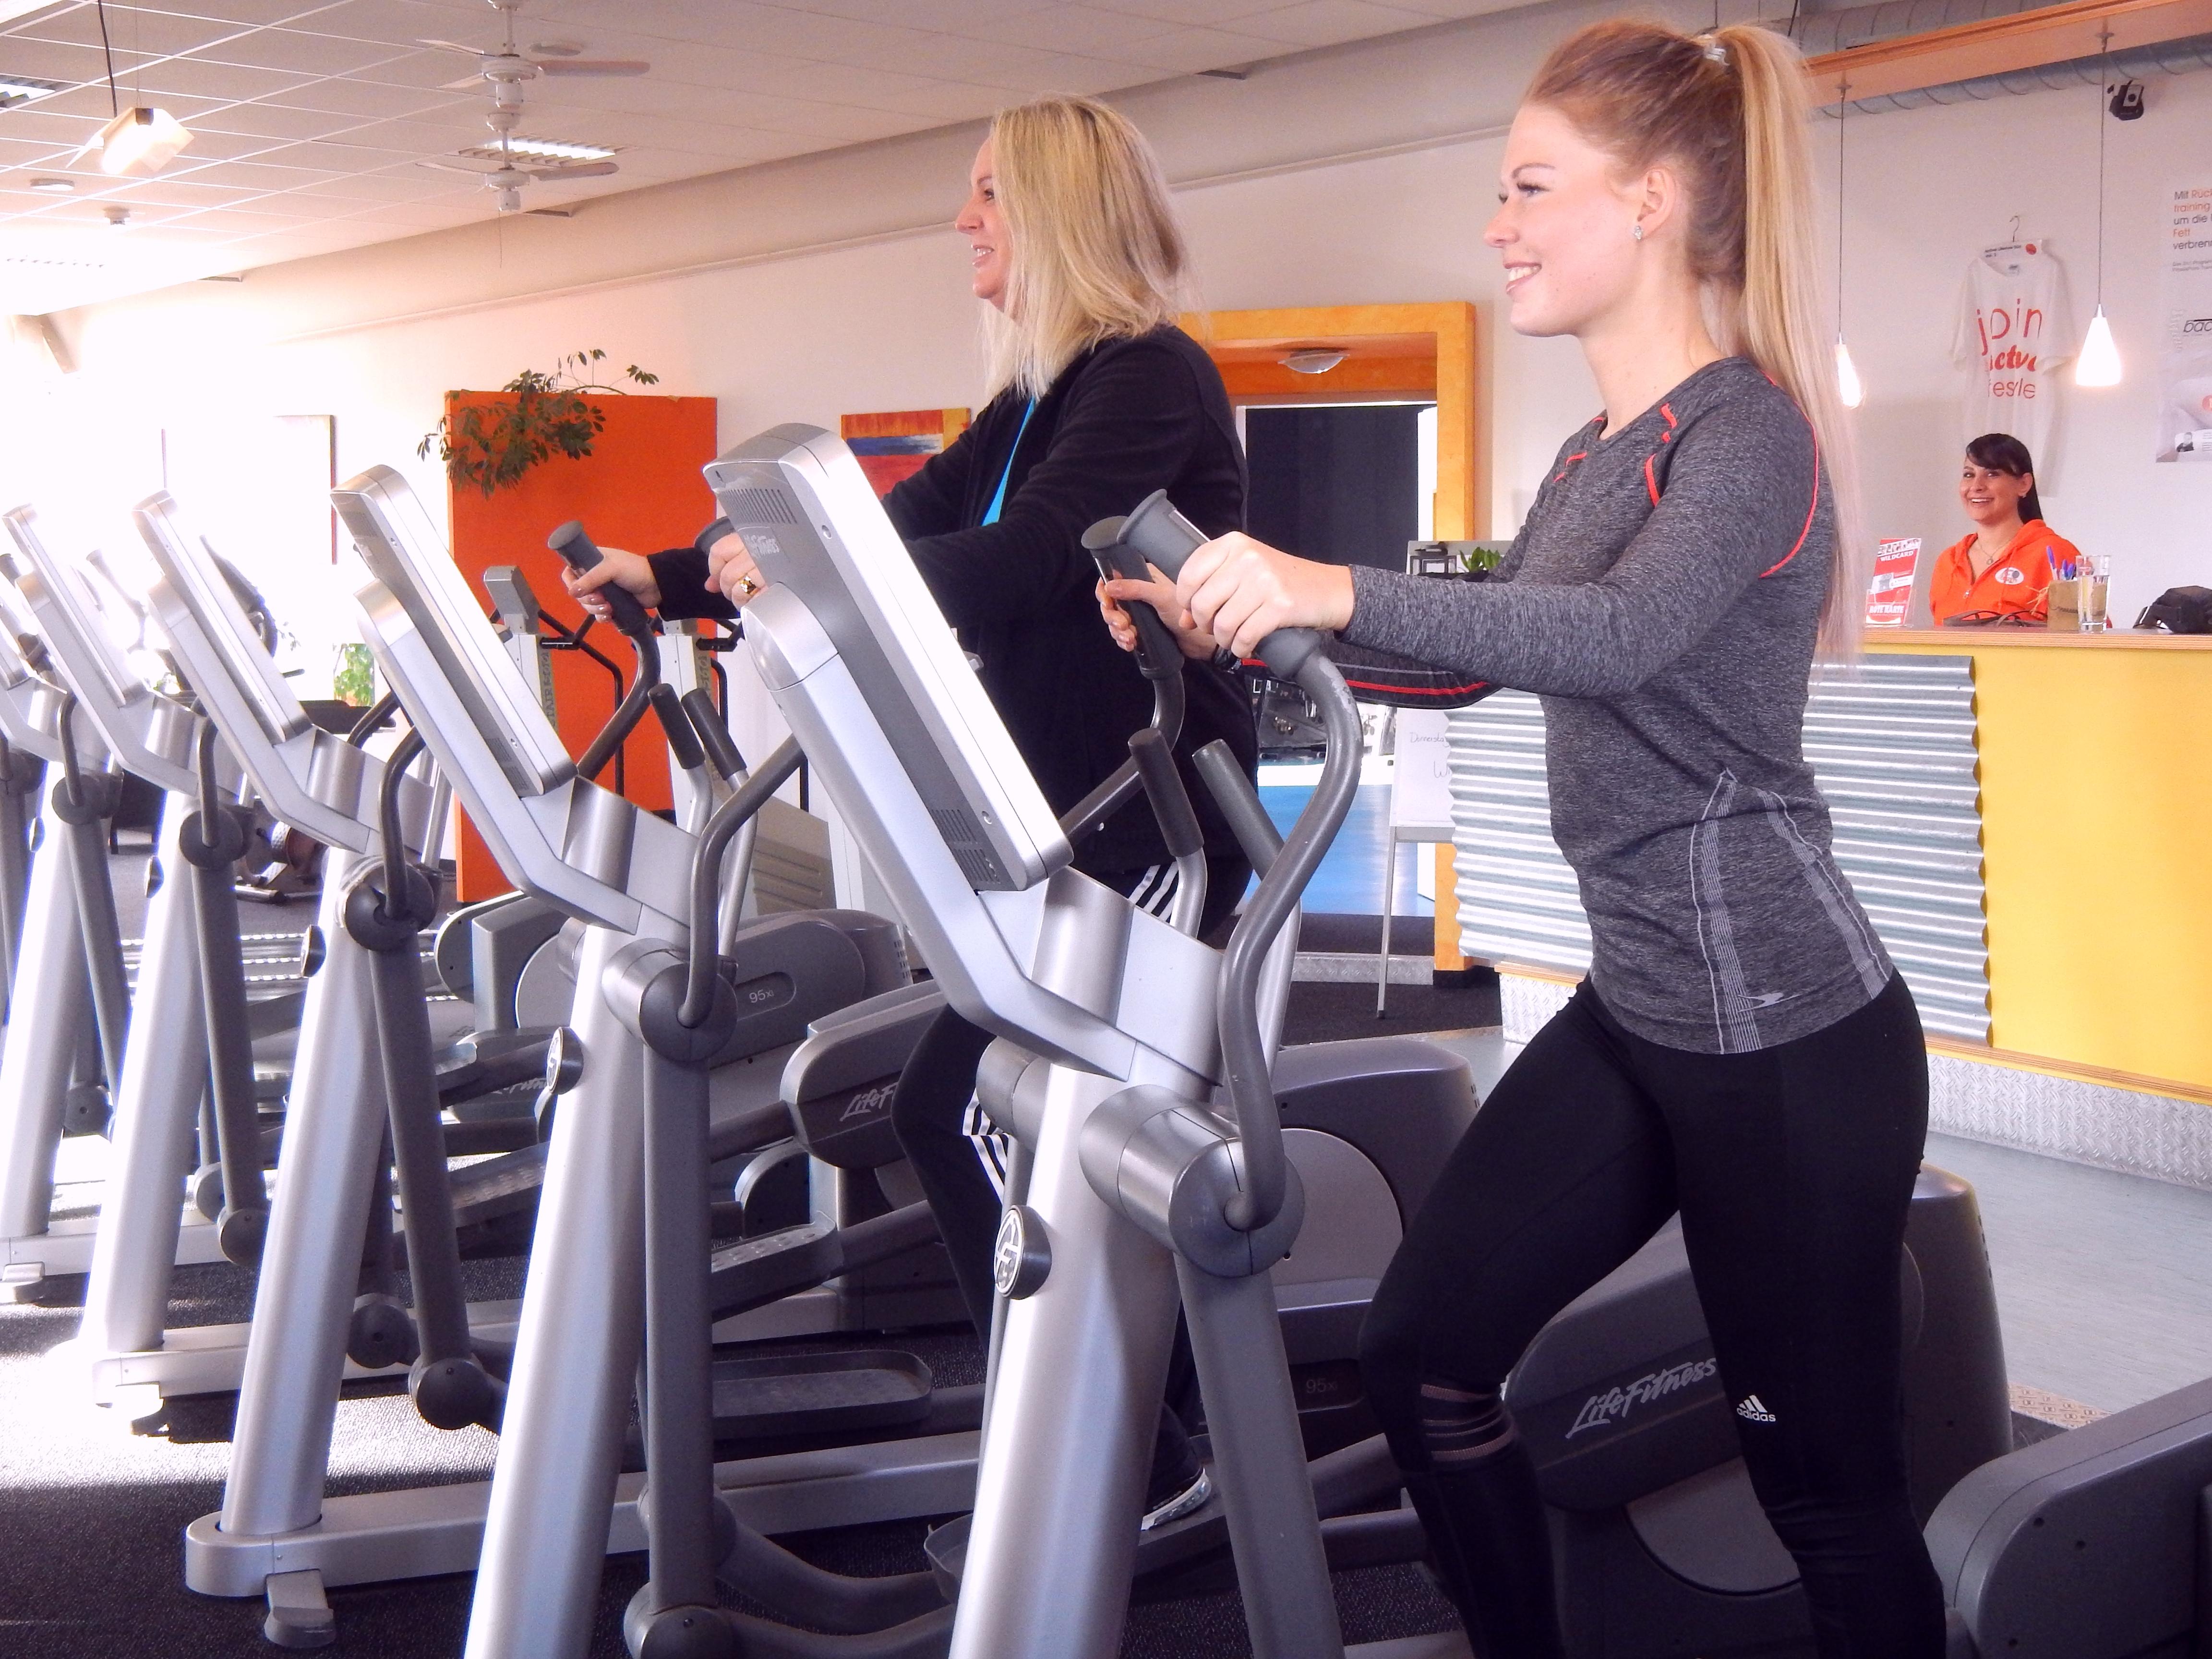 Frauen im fitnessstudio kennenlernen